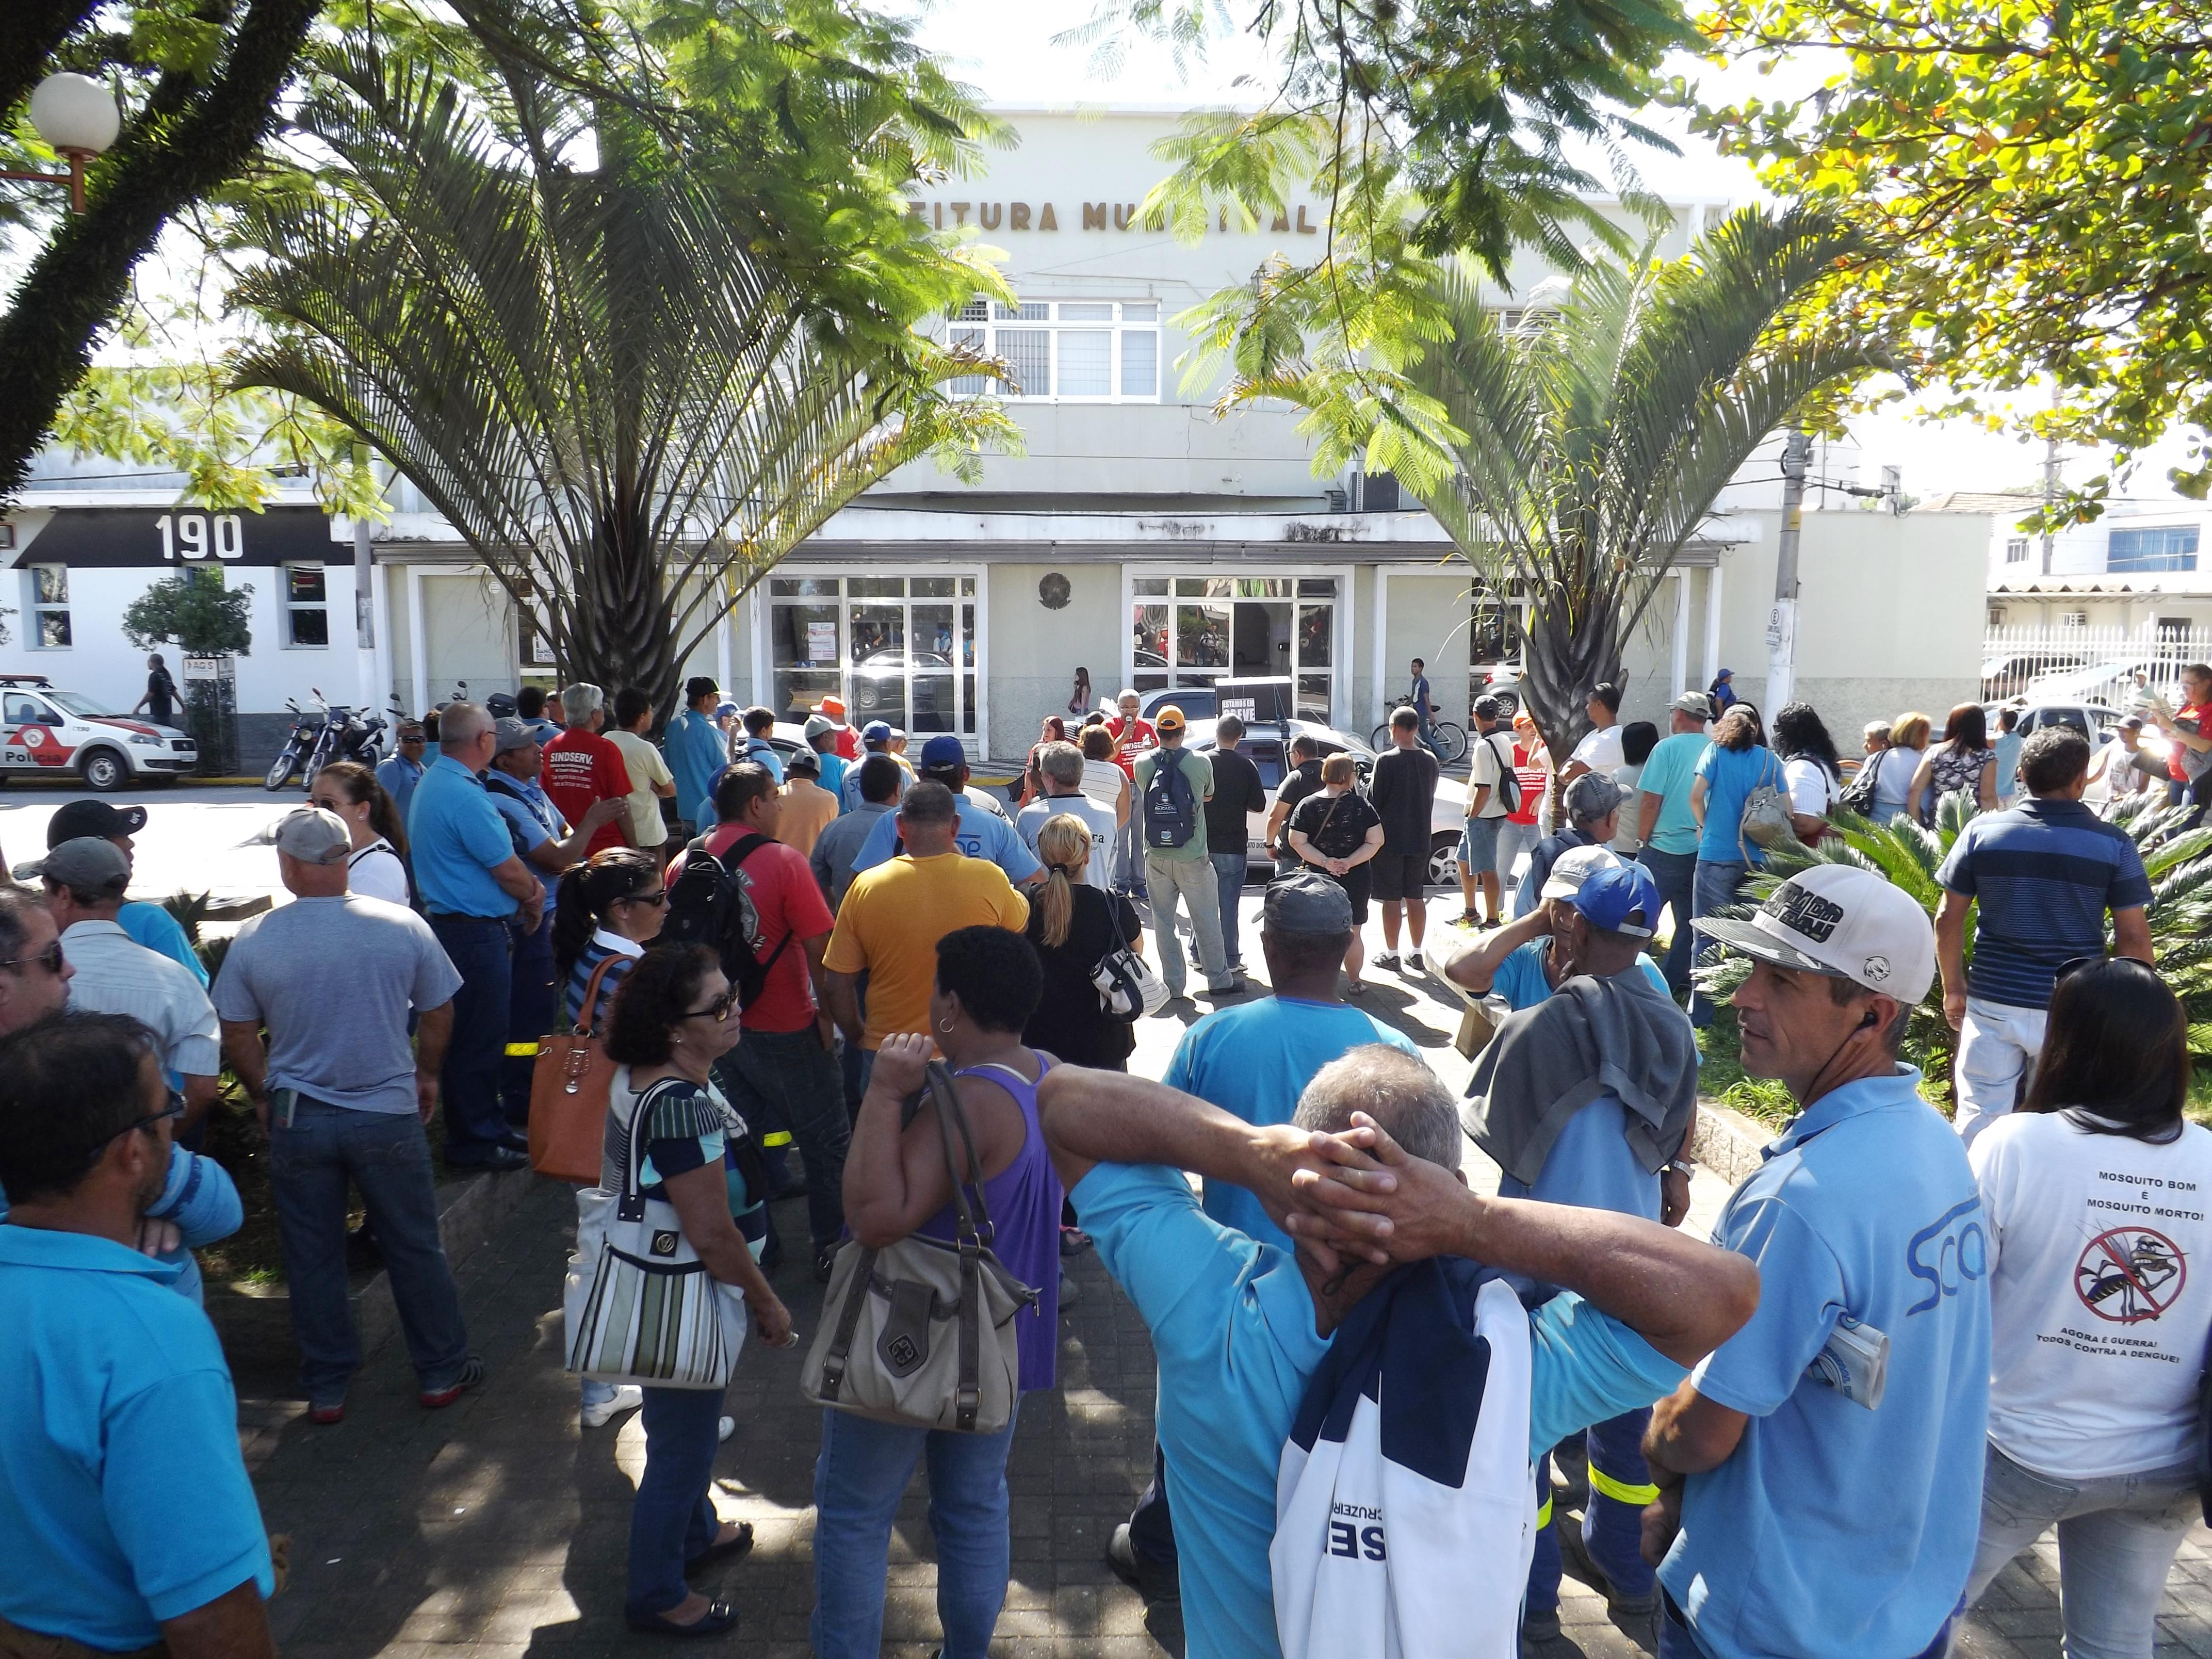 Servidores que promoveram manifestação em frente à Prefeitura e greve por reajuste de 11,54% (Foto: Francisco Assis)